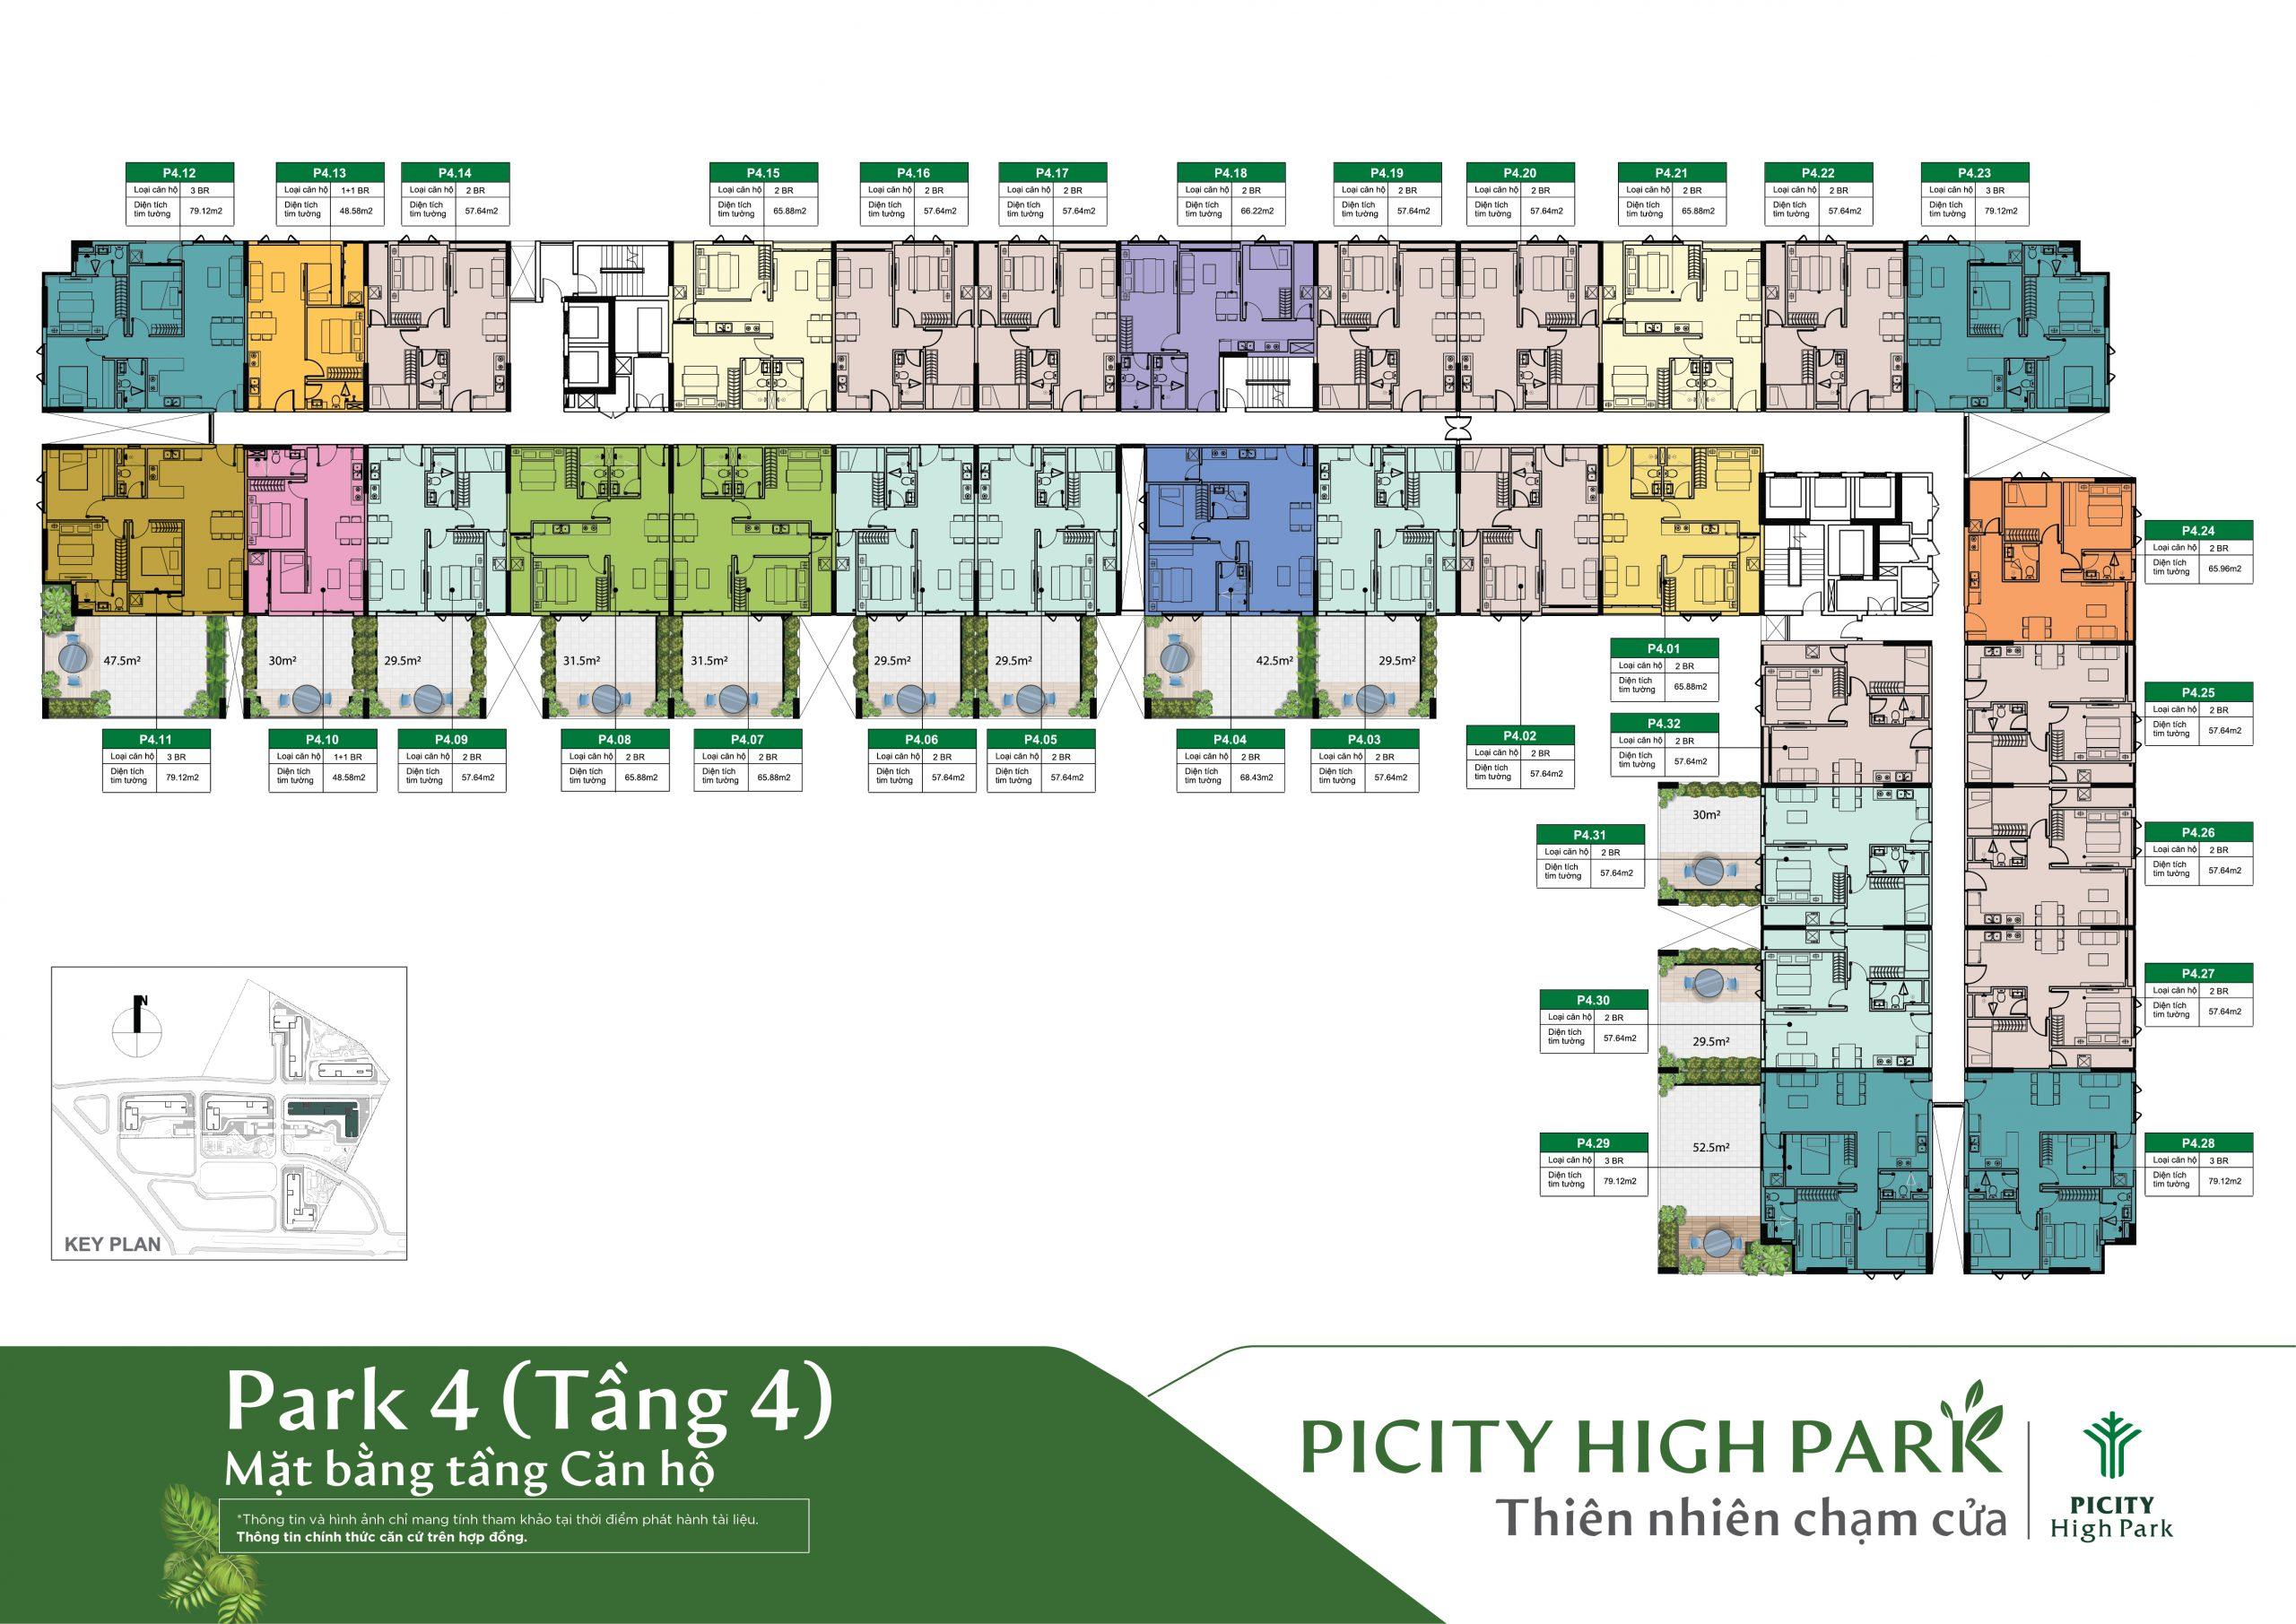 Mặt bằng tấng 4 block C4 - Dự án Picity High Park